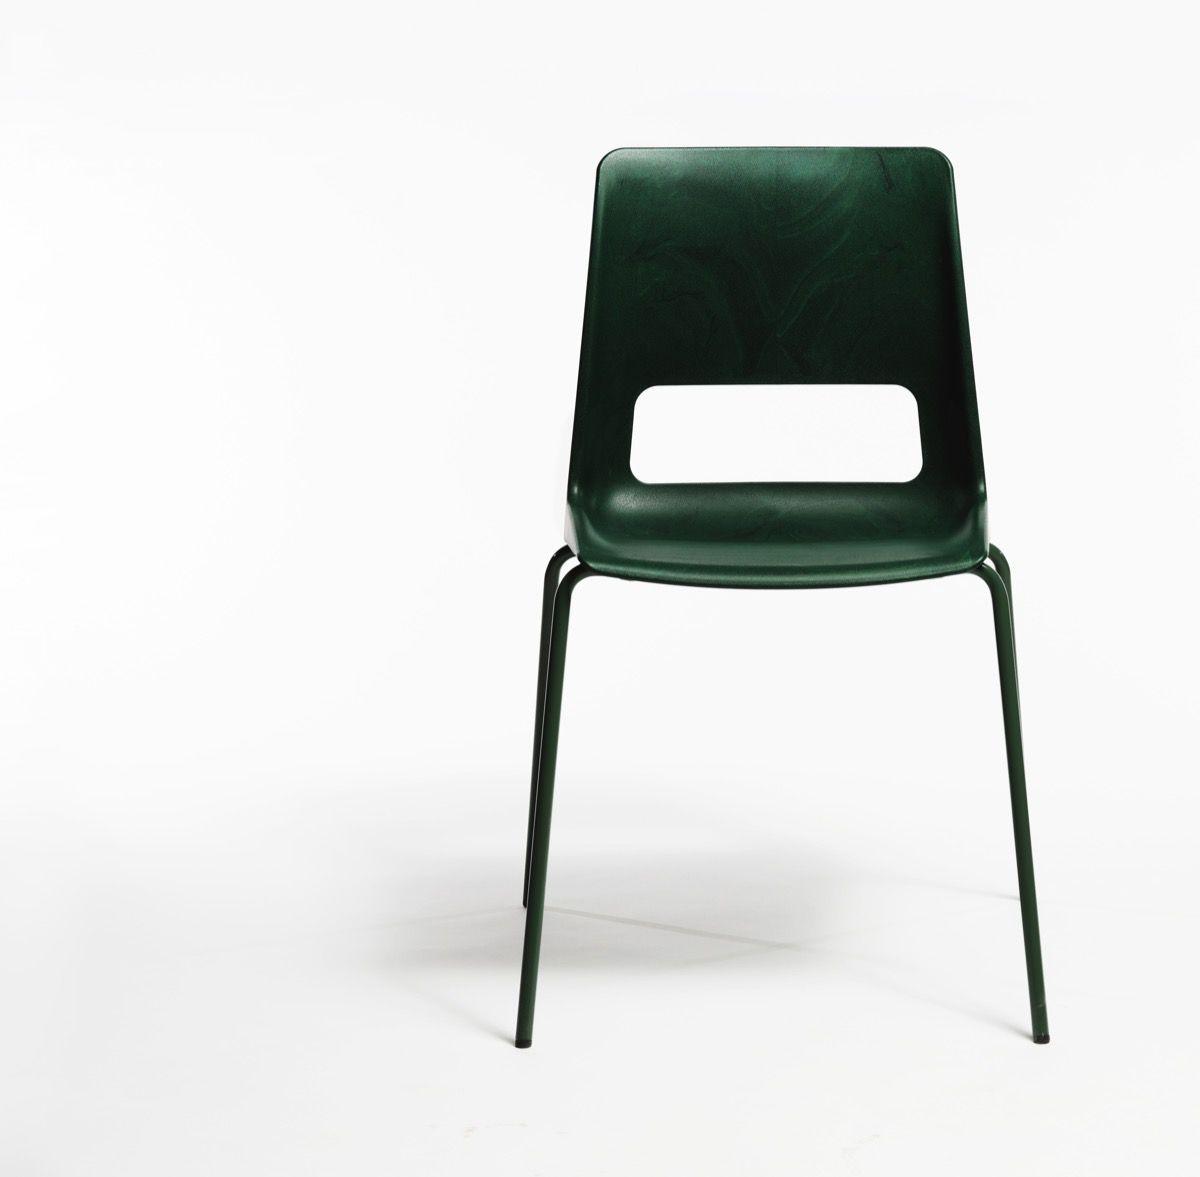 Snohetta S1500 chair straight on